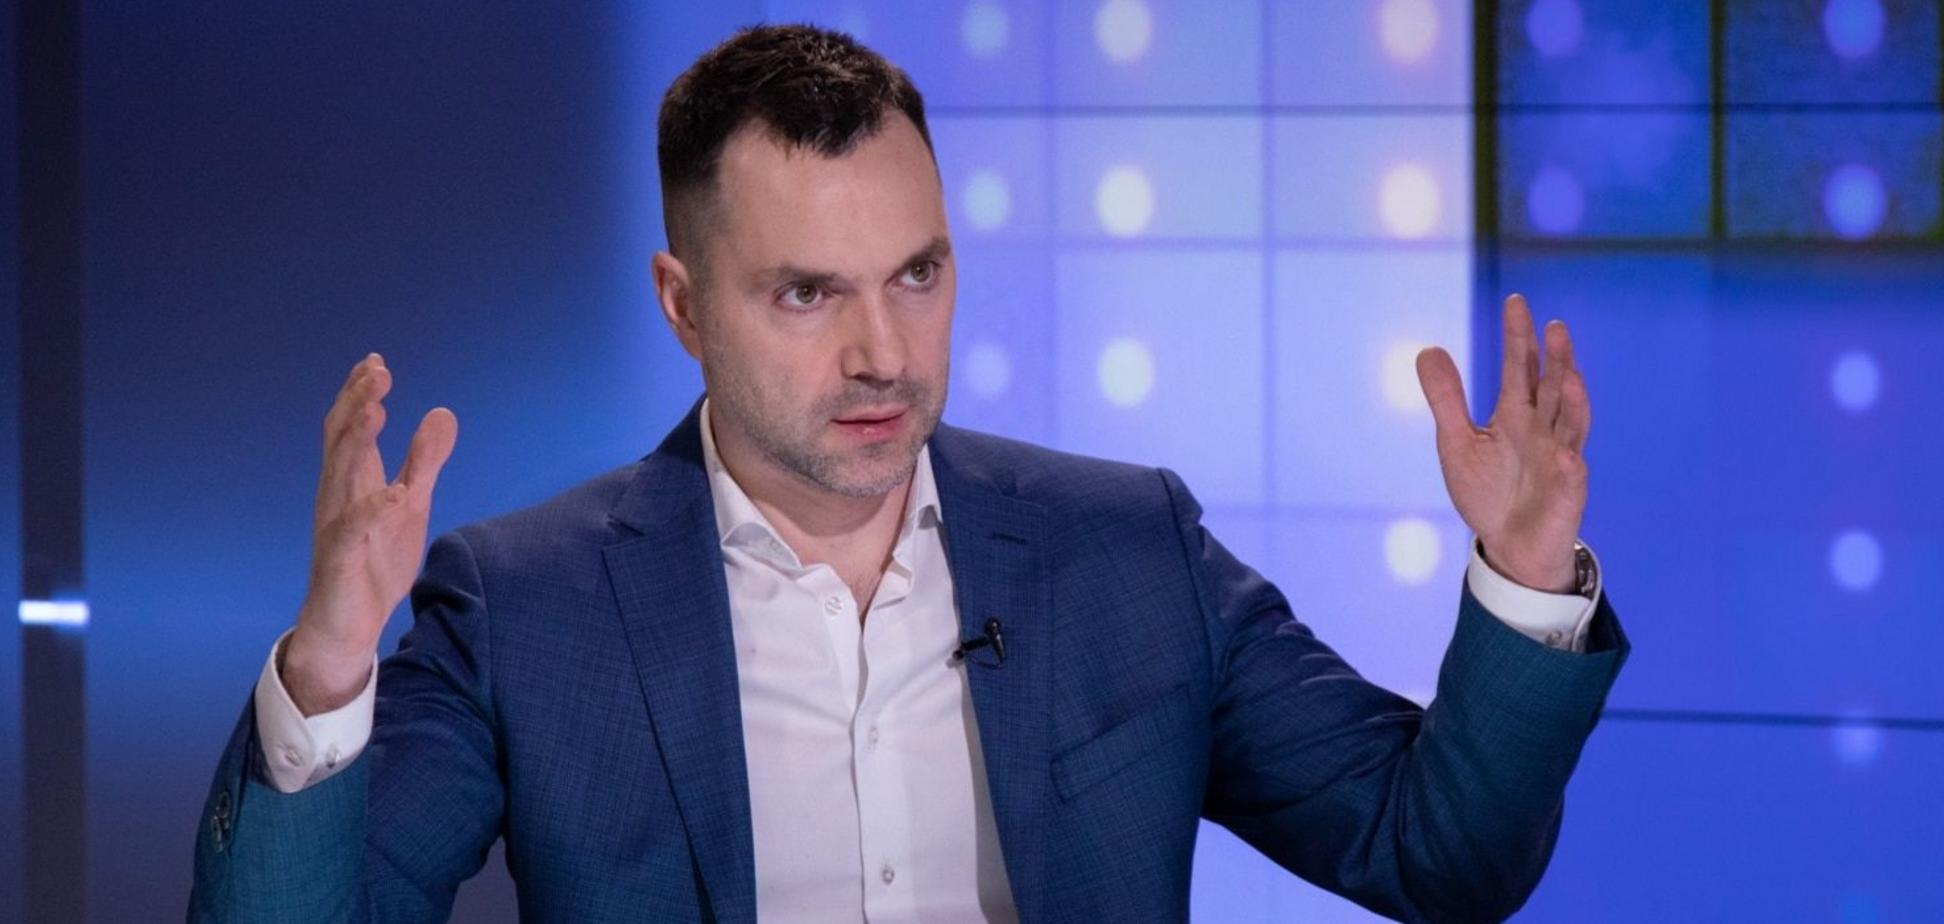 Арестович: Путін словесно вийшов з 'Мінська', переговори з 'Л/ДНР' неможливі навіть у режимі 'фантастика на другому поверсі'